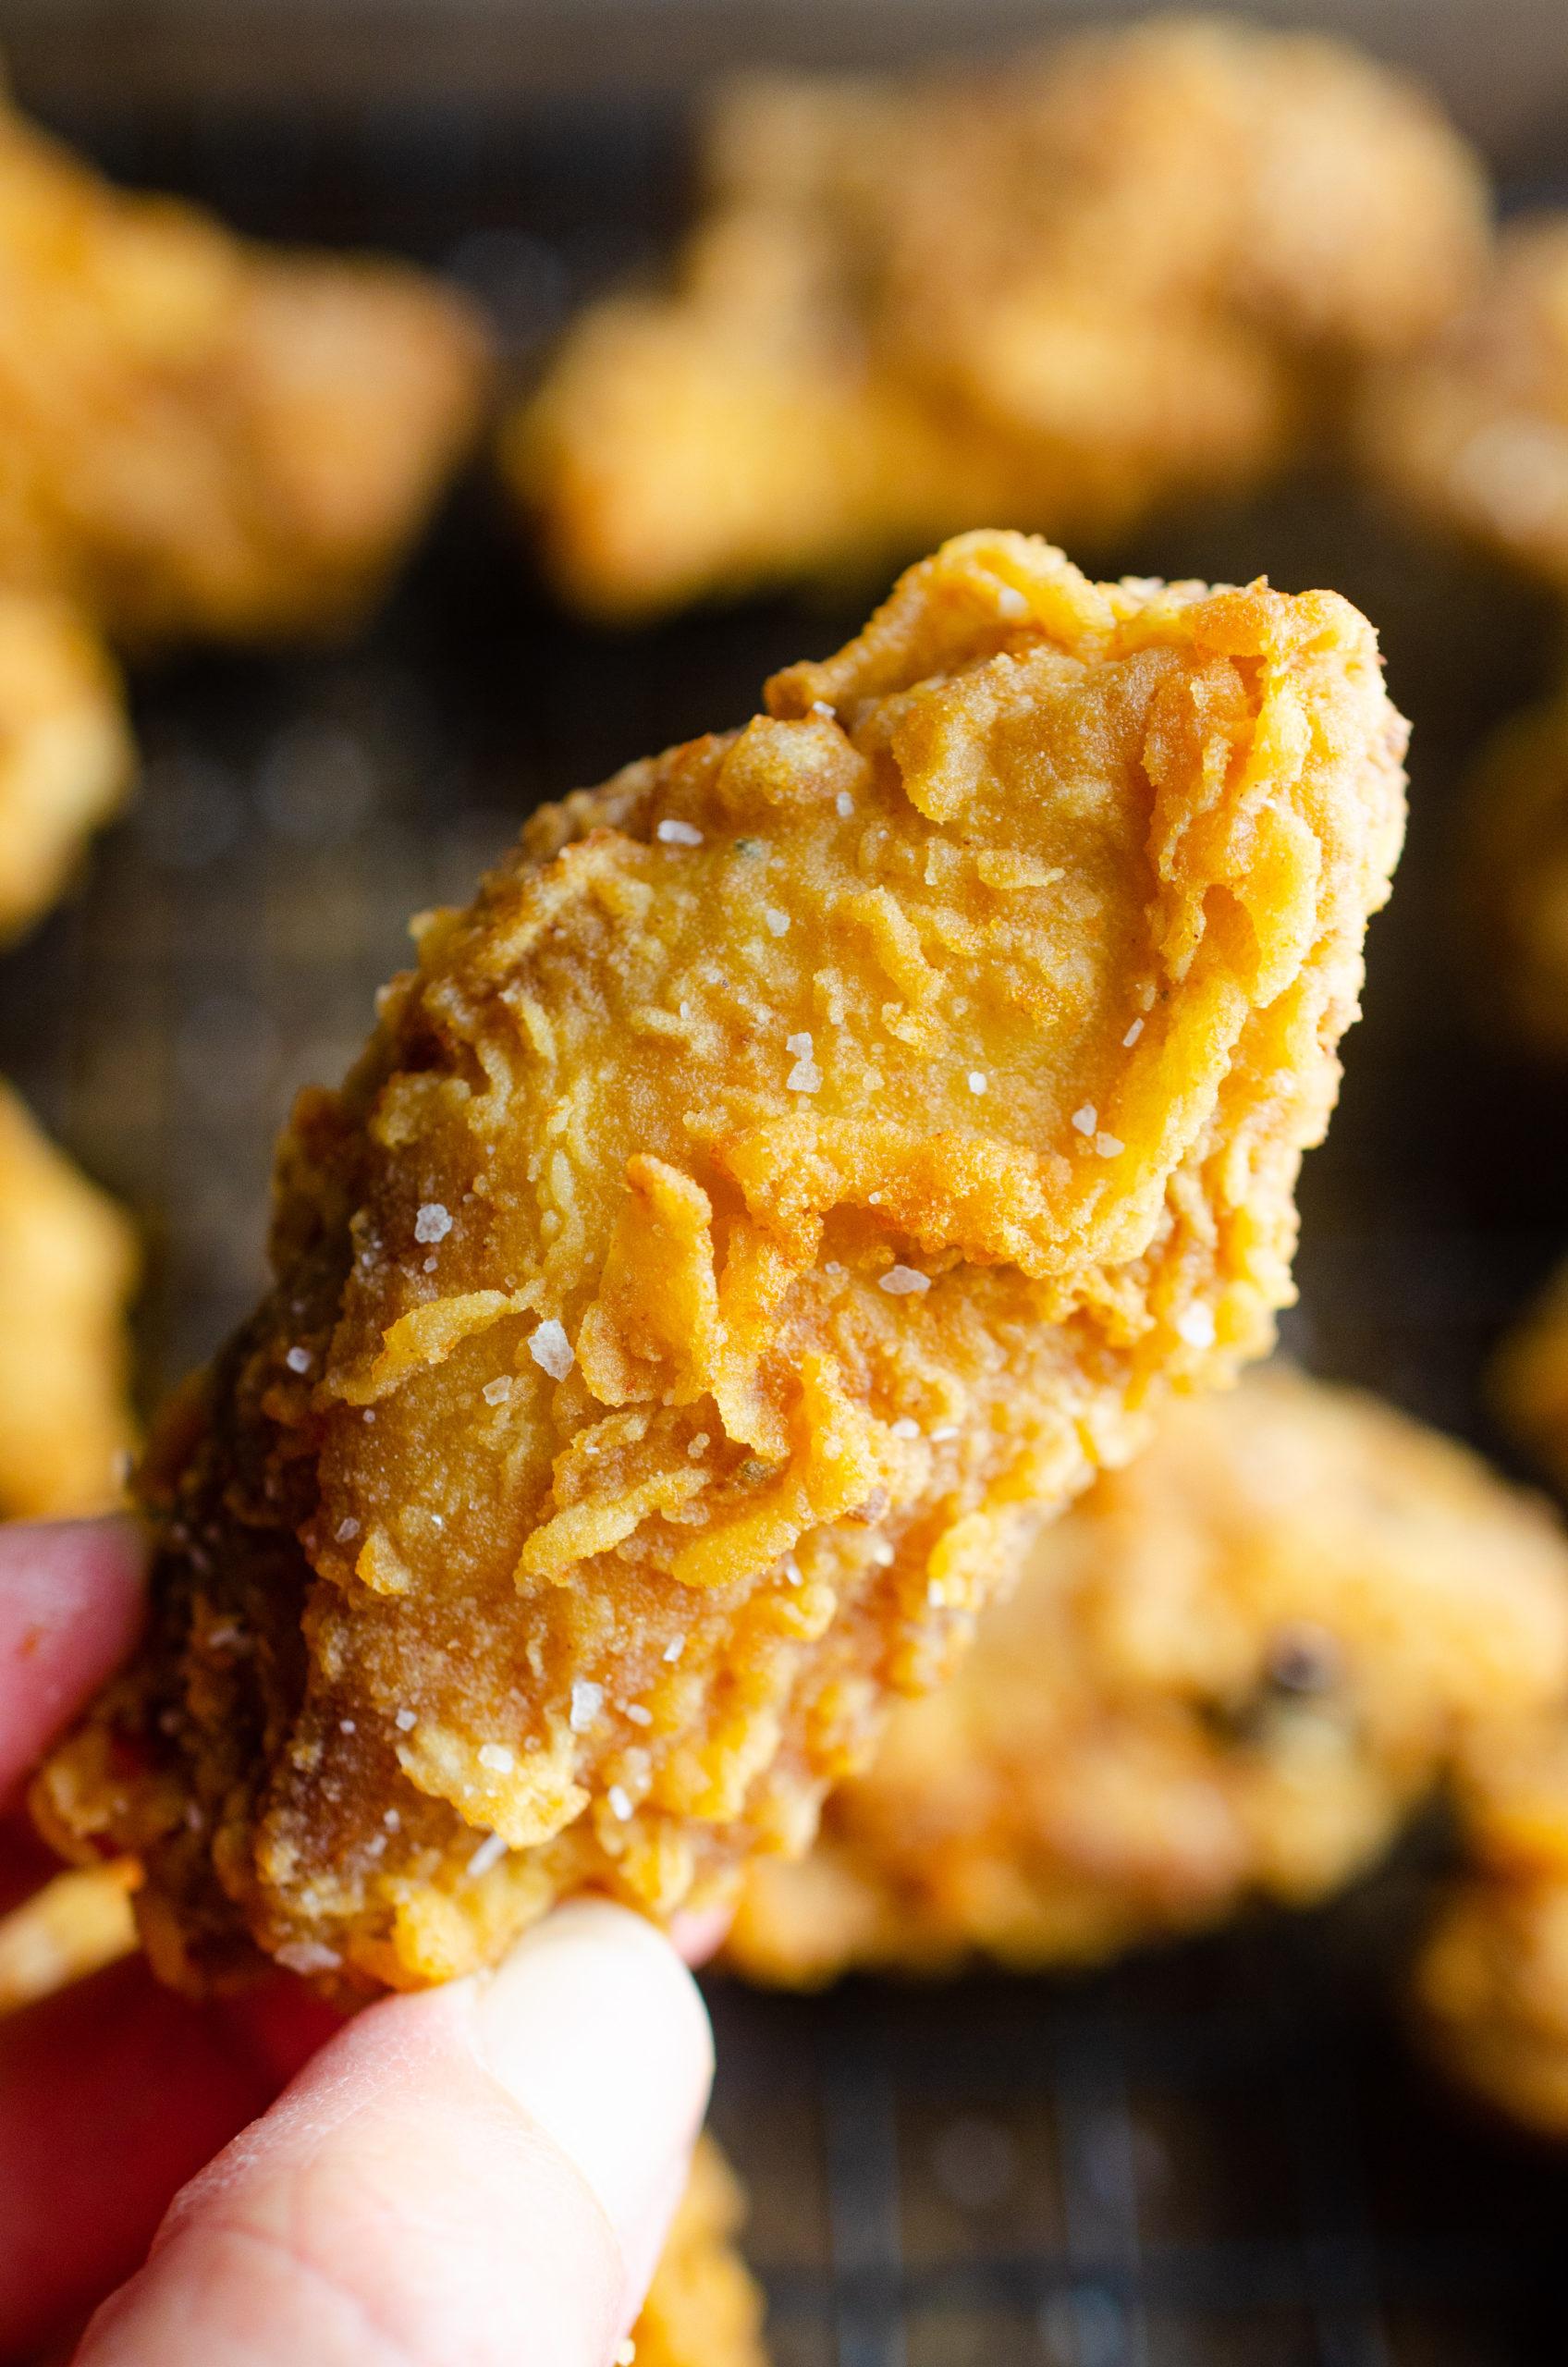 Chicken wings seasoned with blackening seasoning.